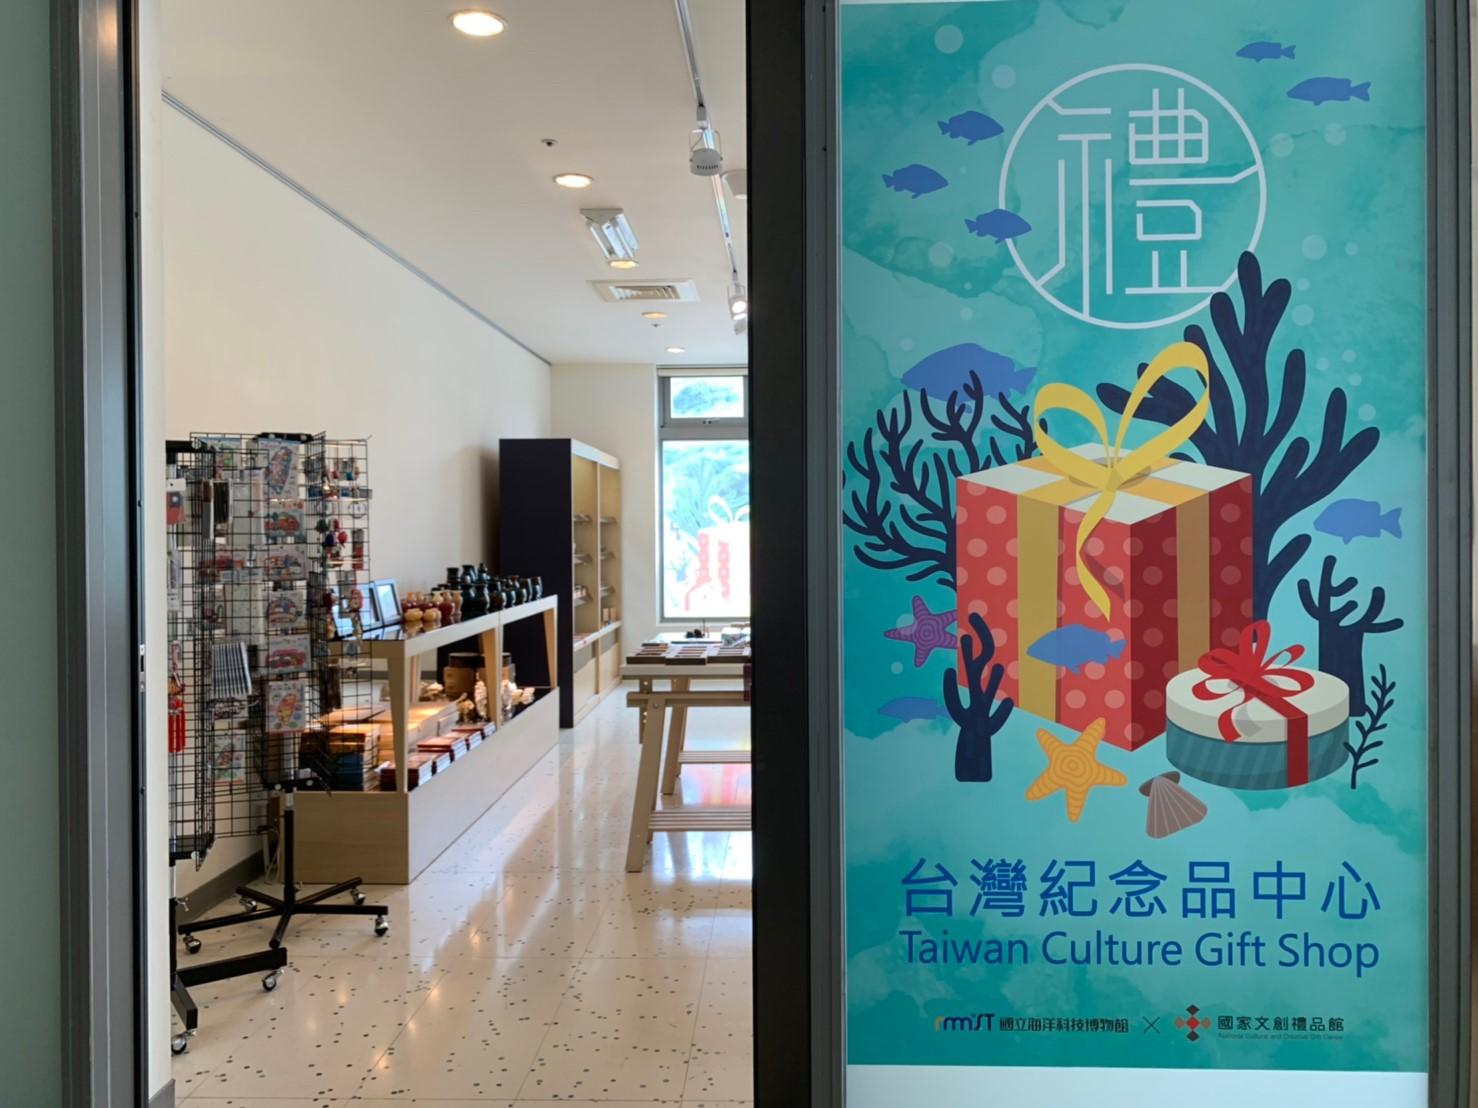 台灣紀念品中心